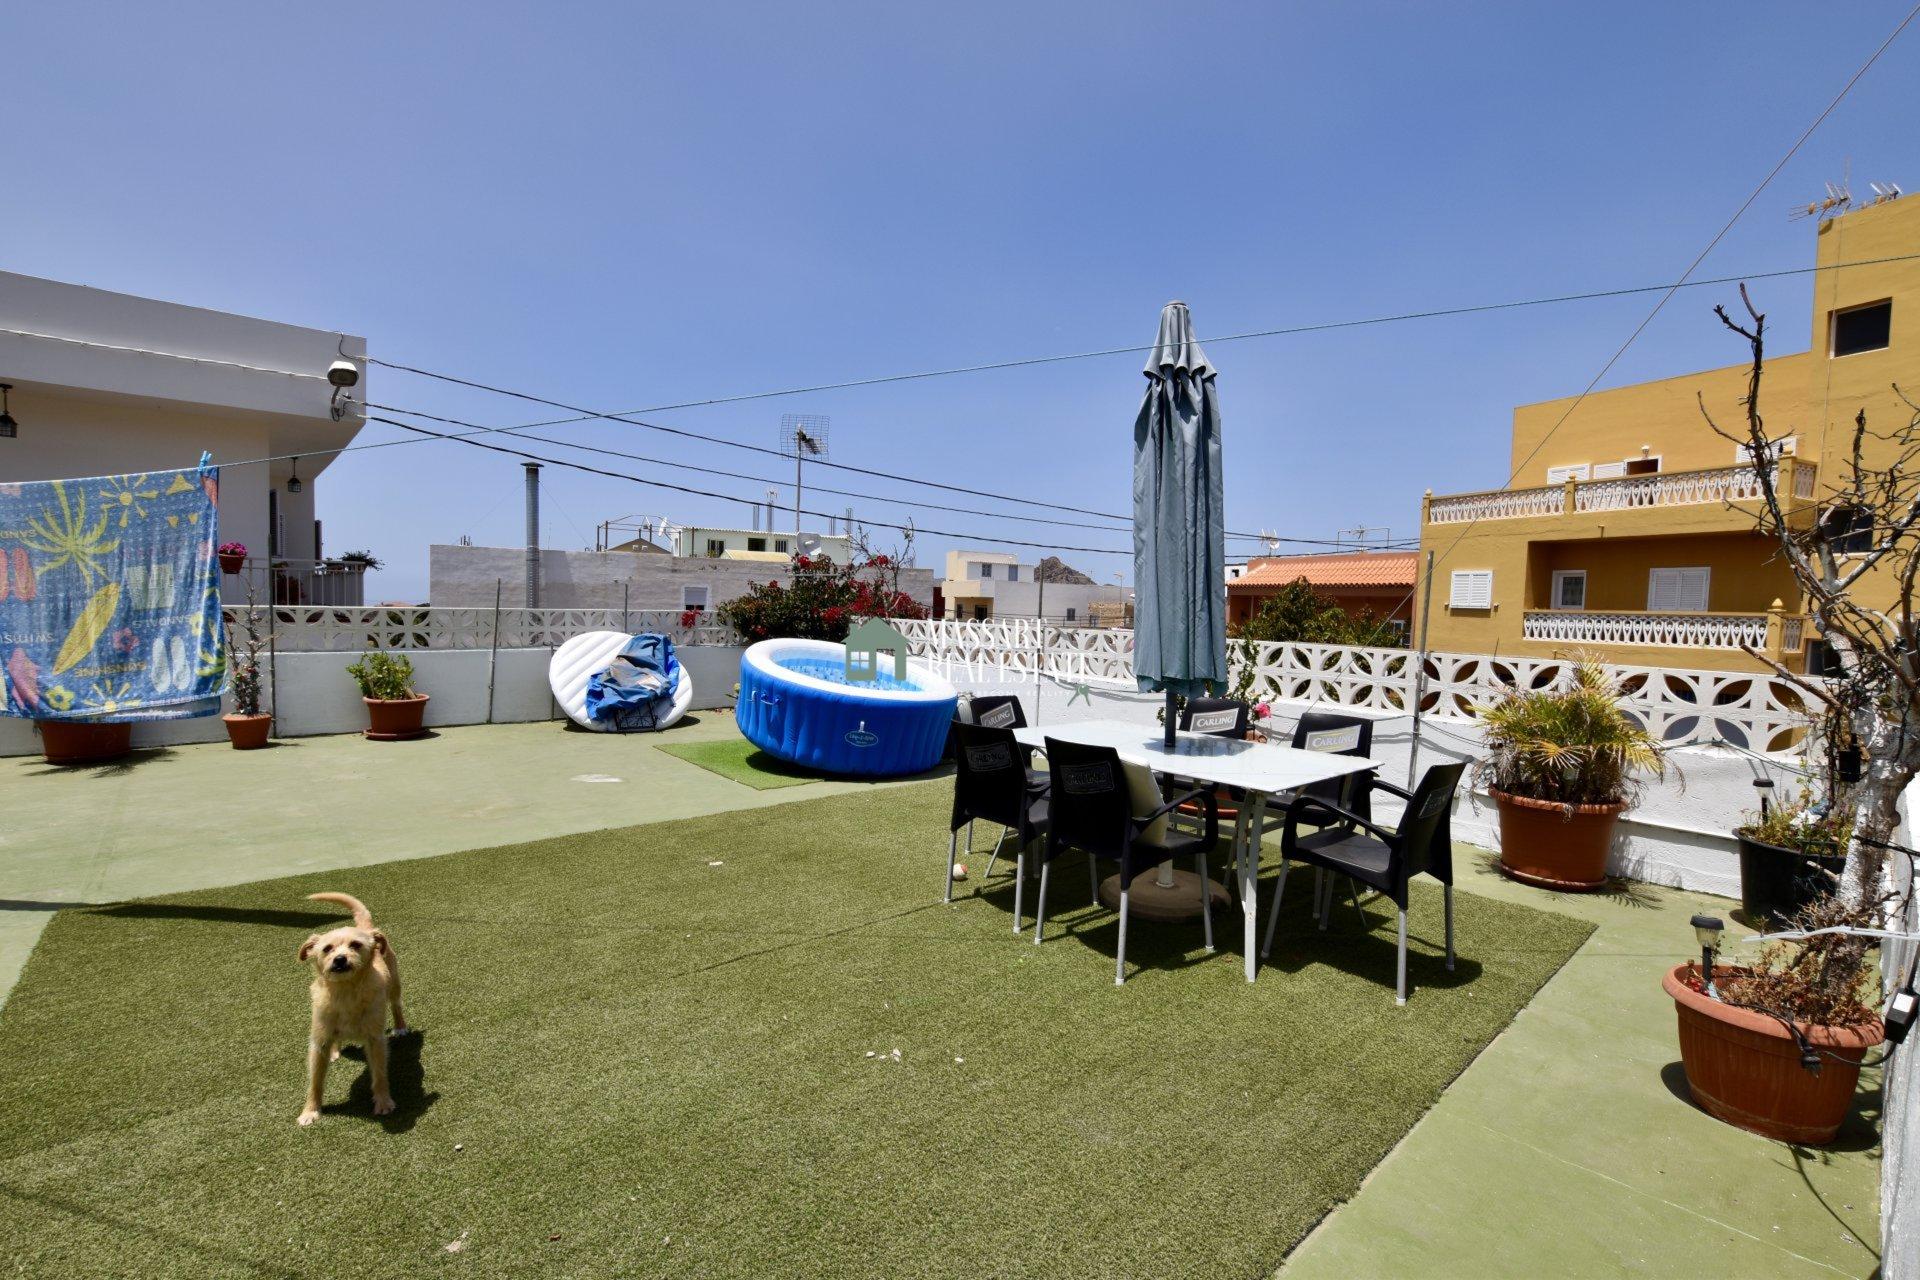 En alquiler en Buzanada, apartamento funcional de 70 m2… ideal para una pareja con un niño pequeño.